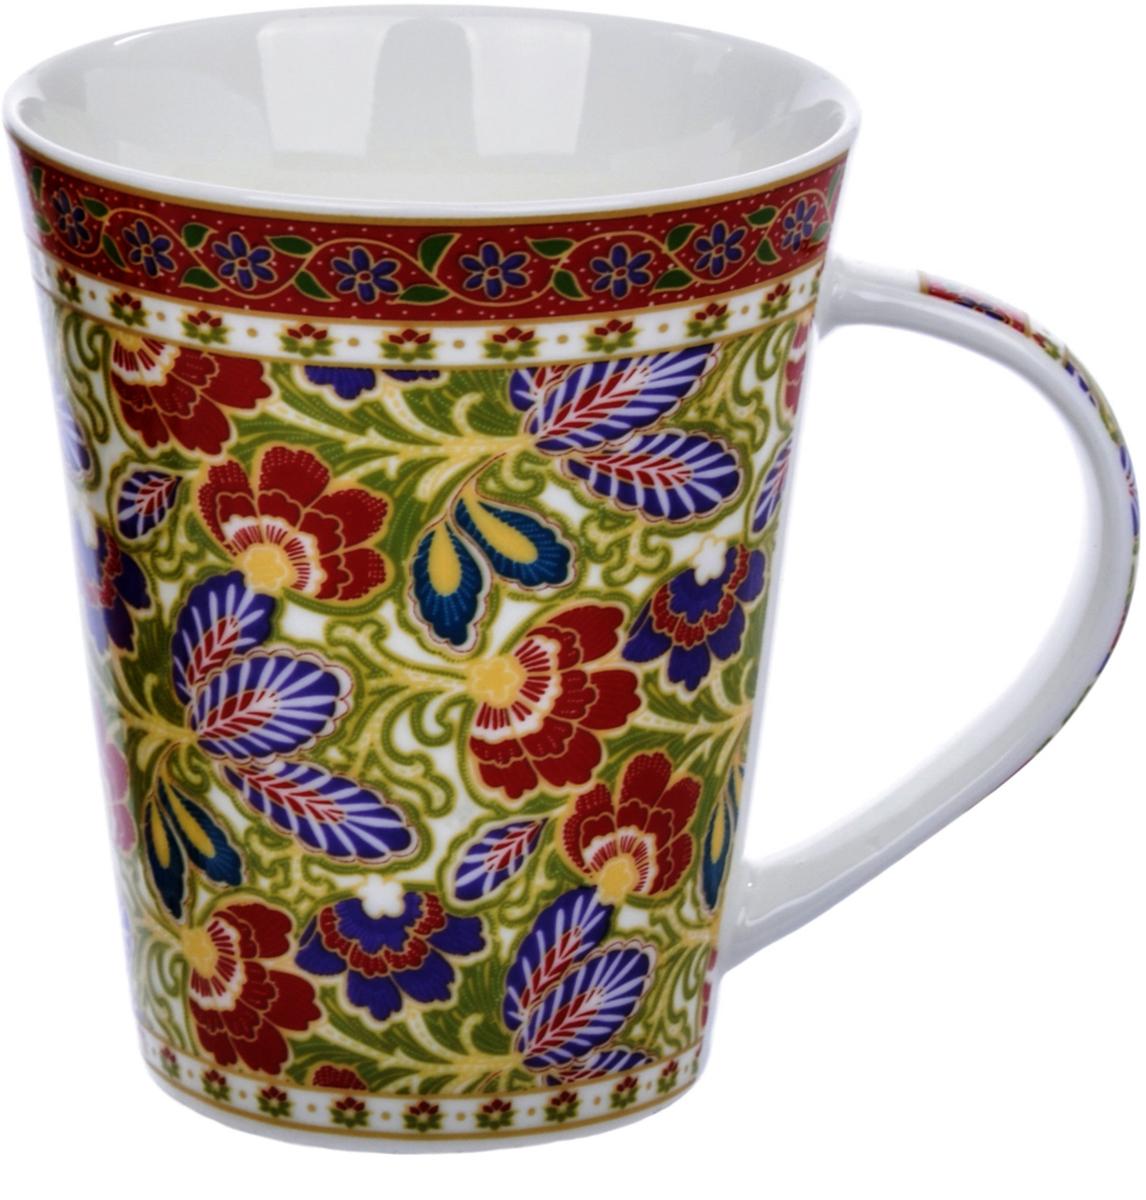 Кружка Liling Quanhu Цветочная фантазия. Дизайн 1, 380 млLQB18-G0073_1Кружки Quanhu - глянцевые кружки из молочно-белого фарфора с цветными деколями. Гладкие, устойчивые, с удобной широкой ручкой. Одинаково хороши для горячих и холодных напитков. Поскольку кружка отражает индивидуальность своего владельца, вы сами выбираете, какими вас будут воспринимать окружающие. Нежные, в сдержанных тонах, или яркие футуристические, буйство красок и фантазии. Для офиса и для дома. Для компании, семьи. Хороший подарок коллегам и близким. Кружки можно использовать в СВЧ и мыть в ПММ.